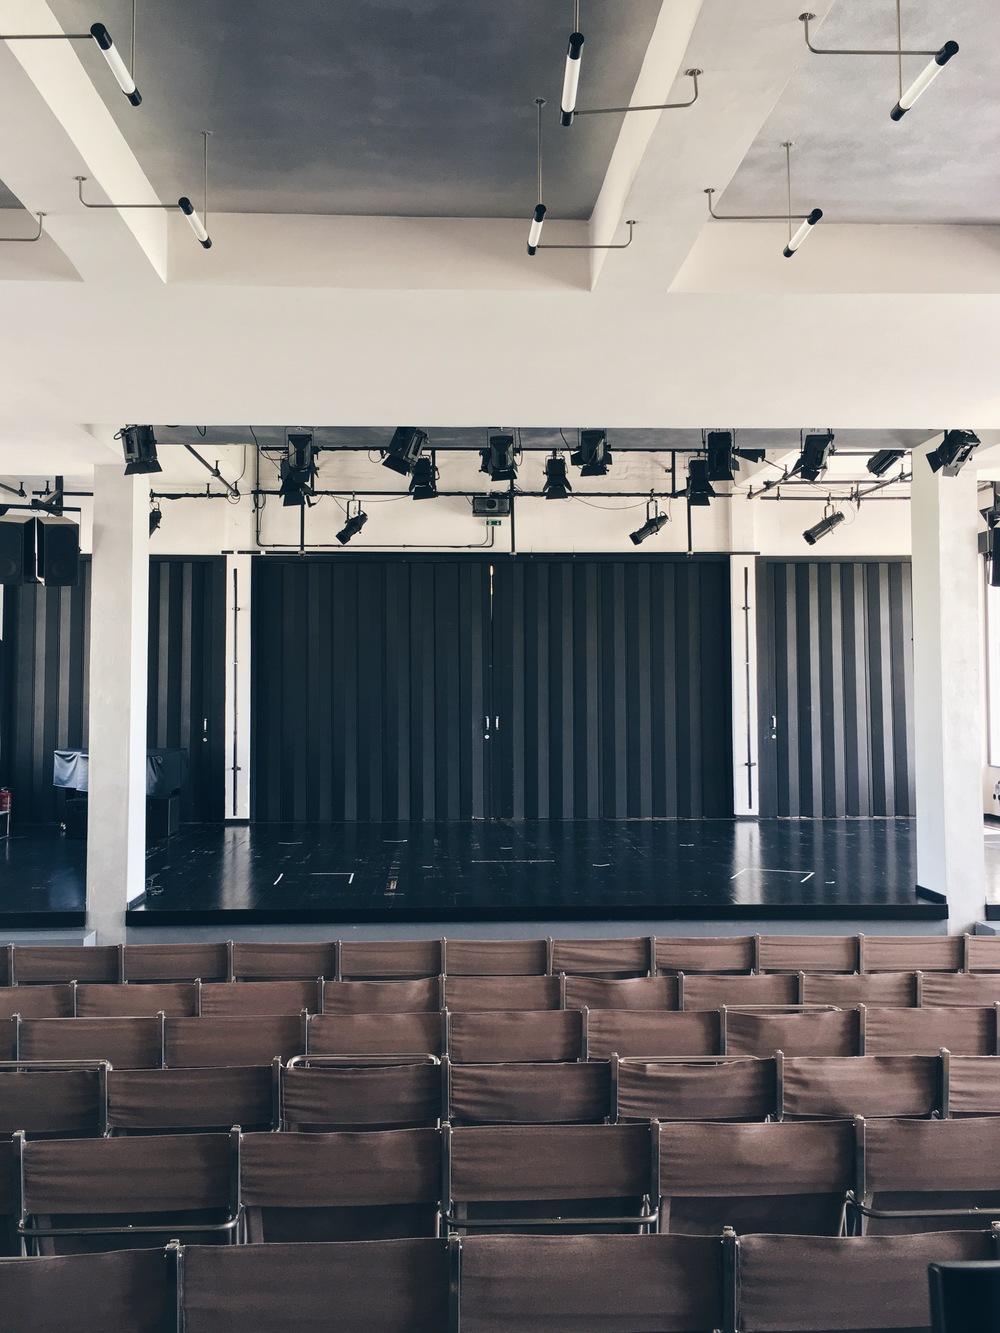 Auditoriet i Bauhausskolan, sommaren 2016. Bakväggen kan öppnas helt, där bakom ligger cafeterian. I taket hänger Max Krajewskis lampor, som binder ihop trapphuset med auditoriet.